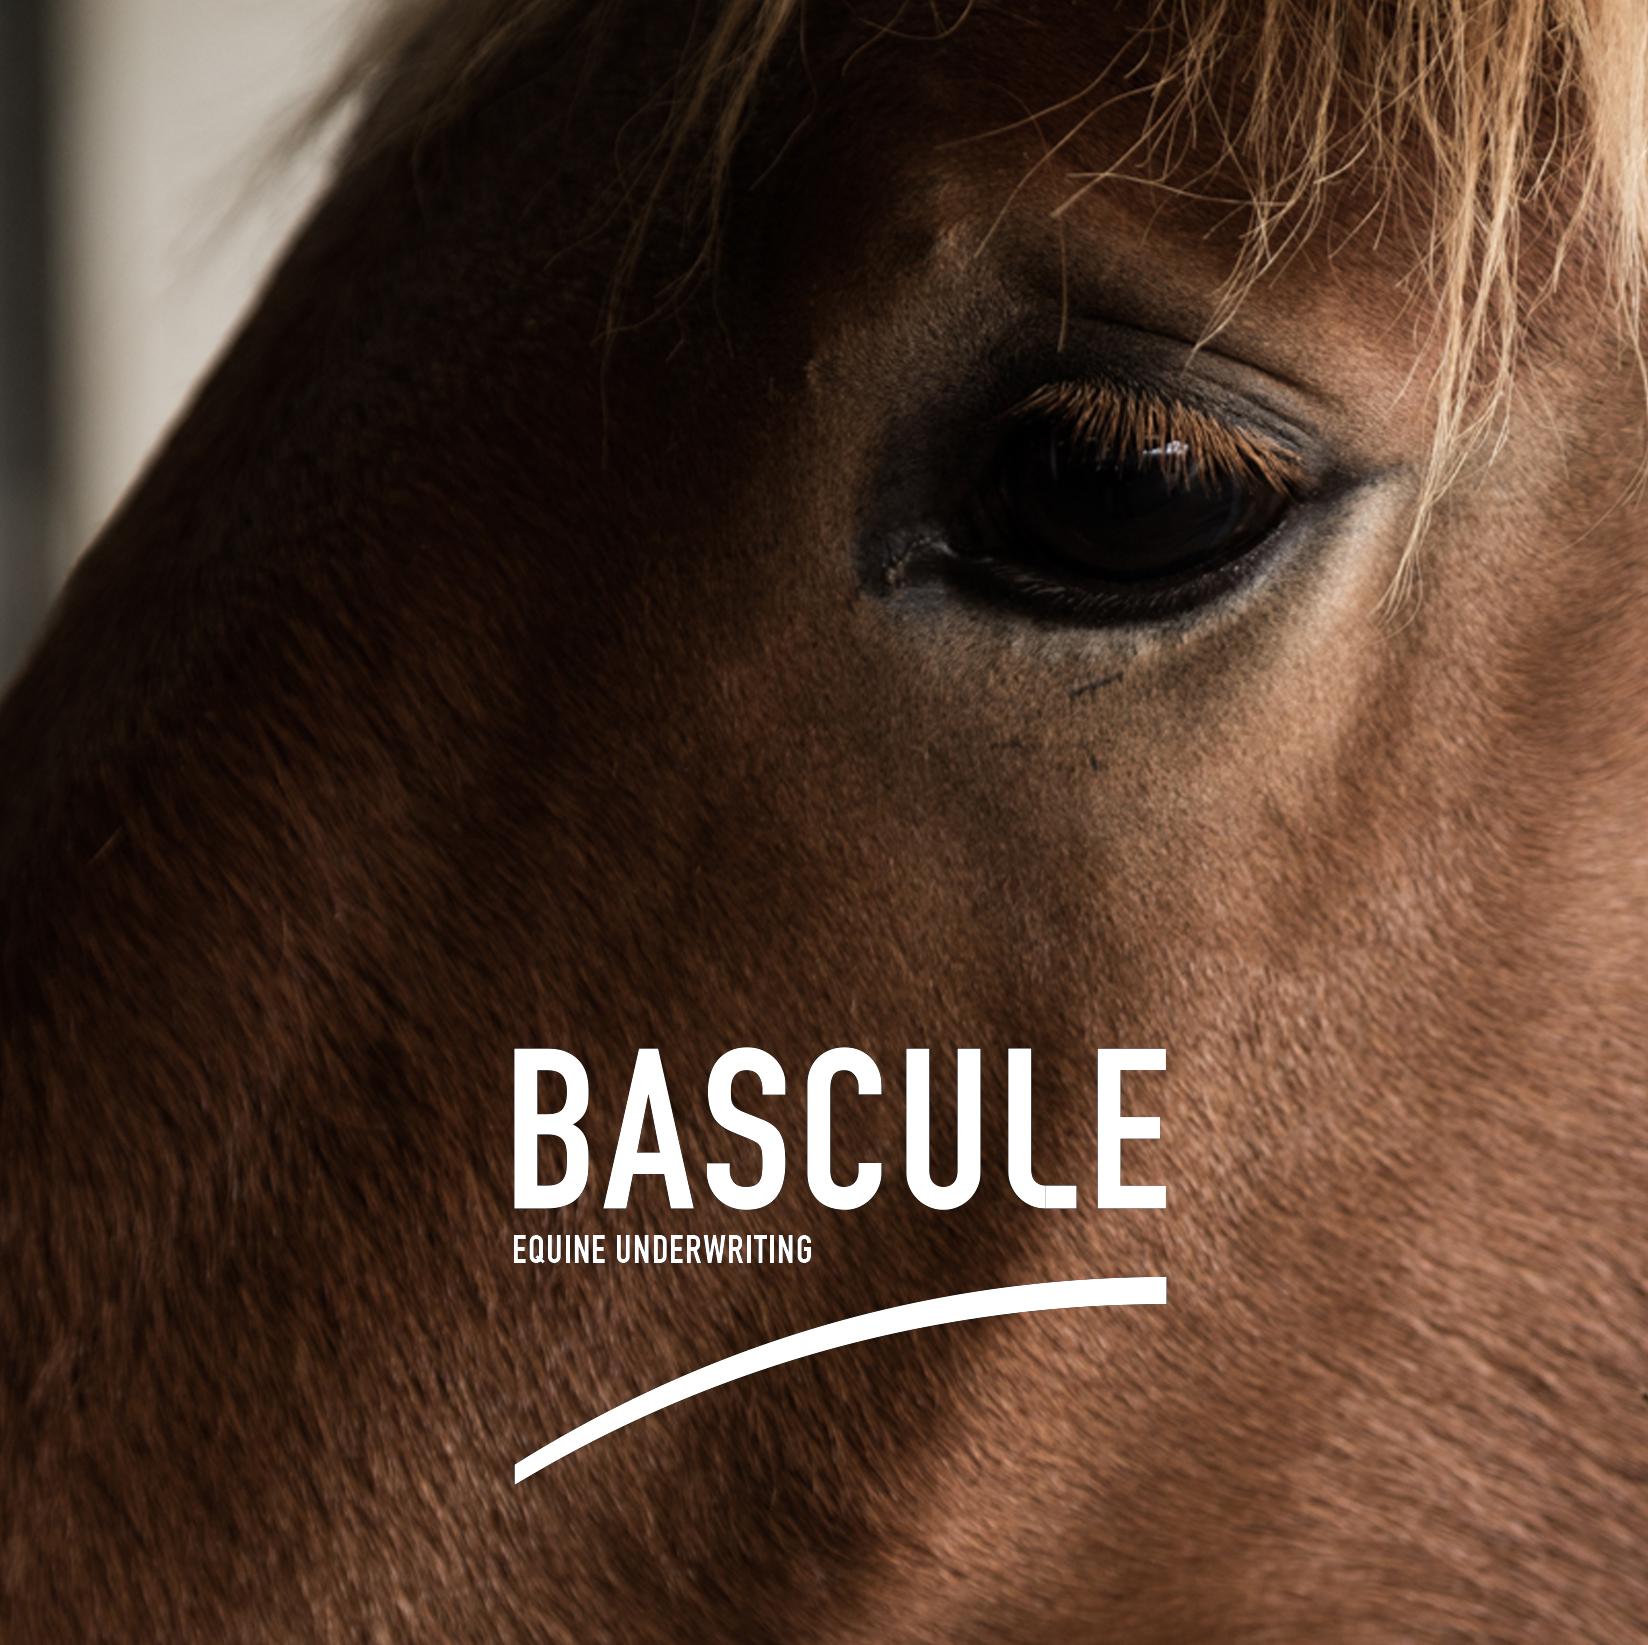 BASCULE_BRANDDEV_171017-4.jpg